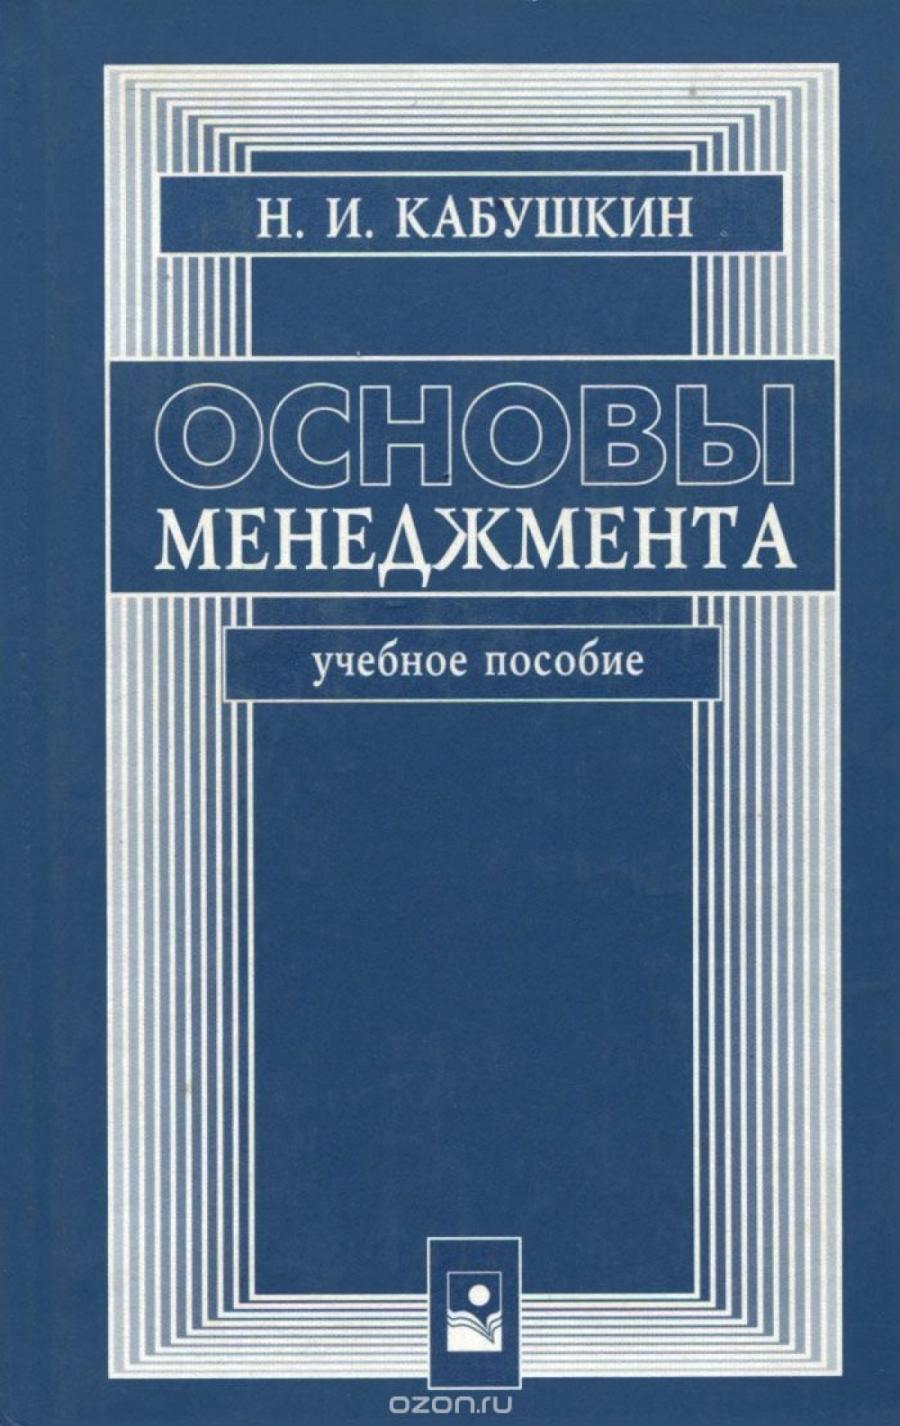 Обложка книги:  кабушкин н.и. - основы менеджмента. учебное пособие.